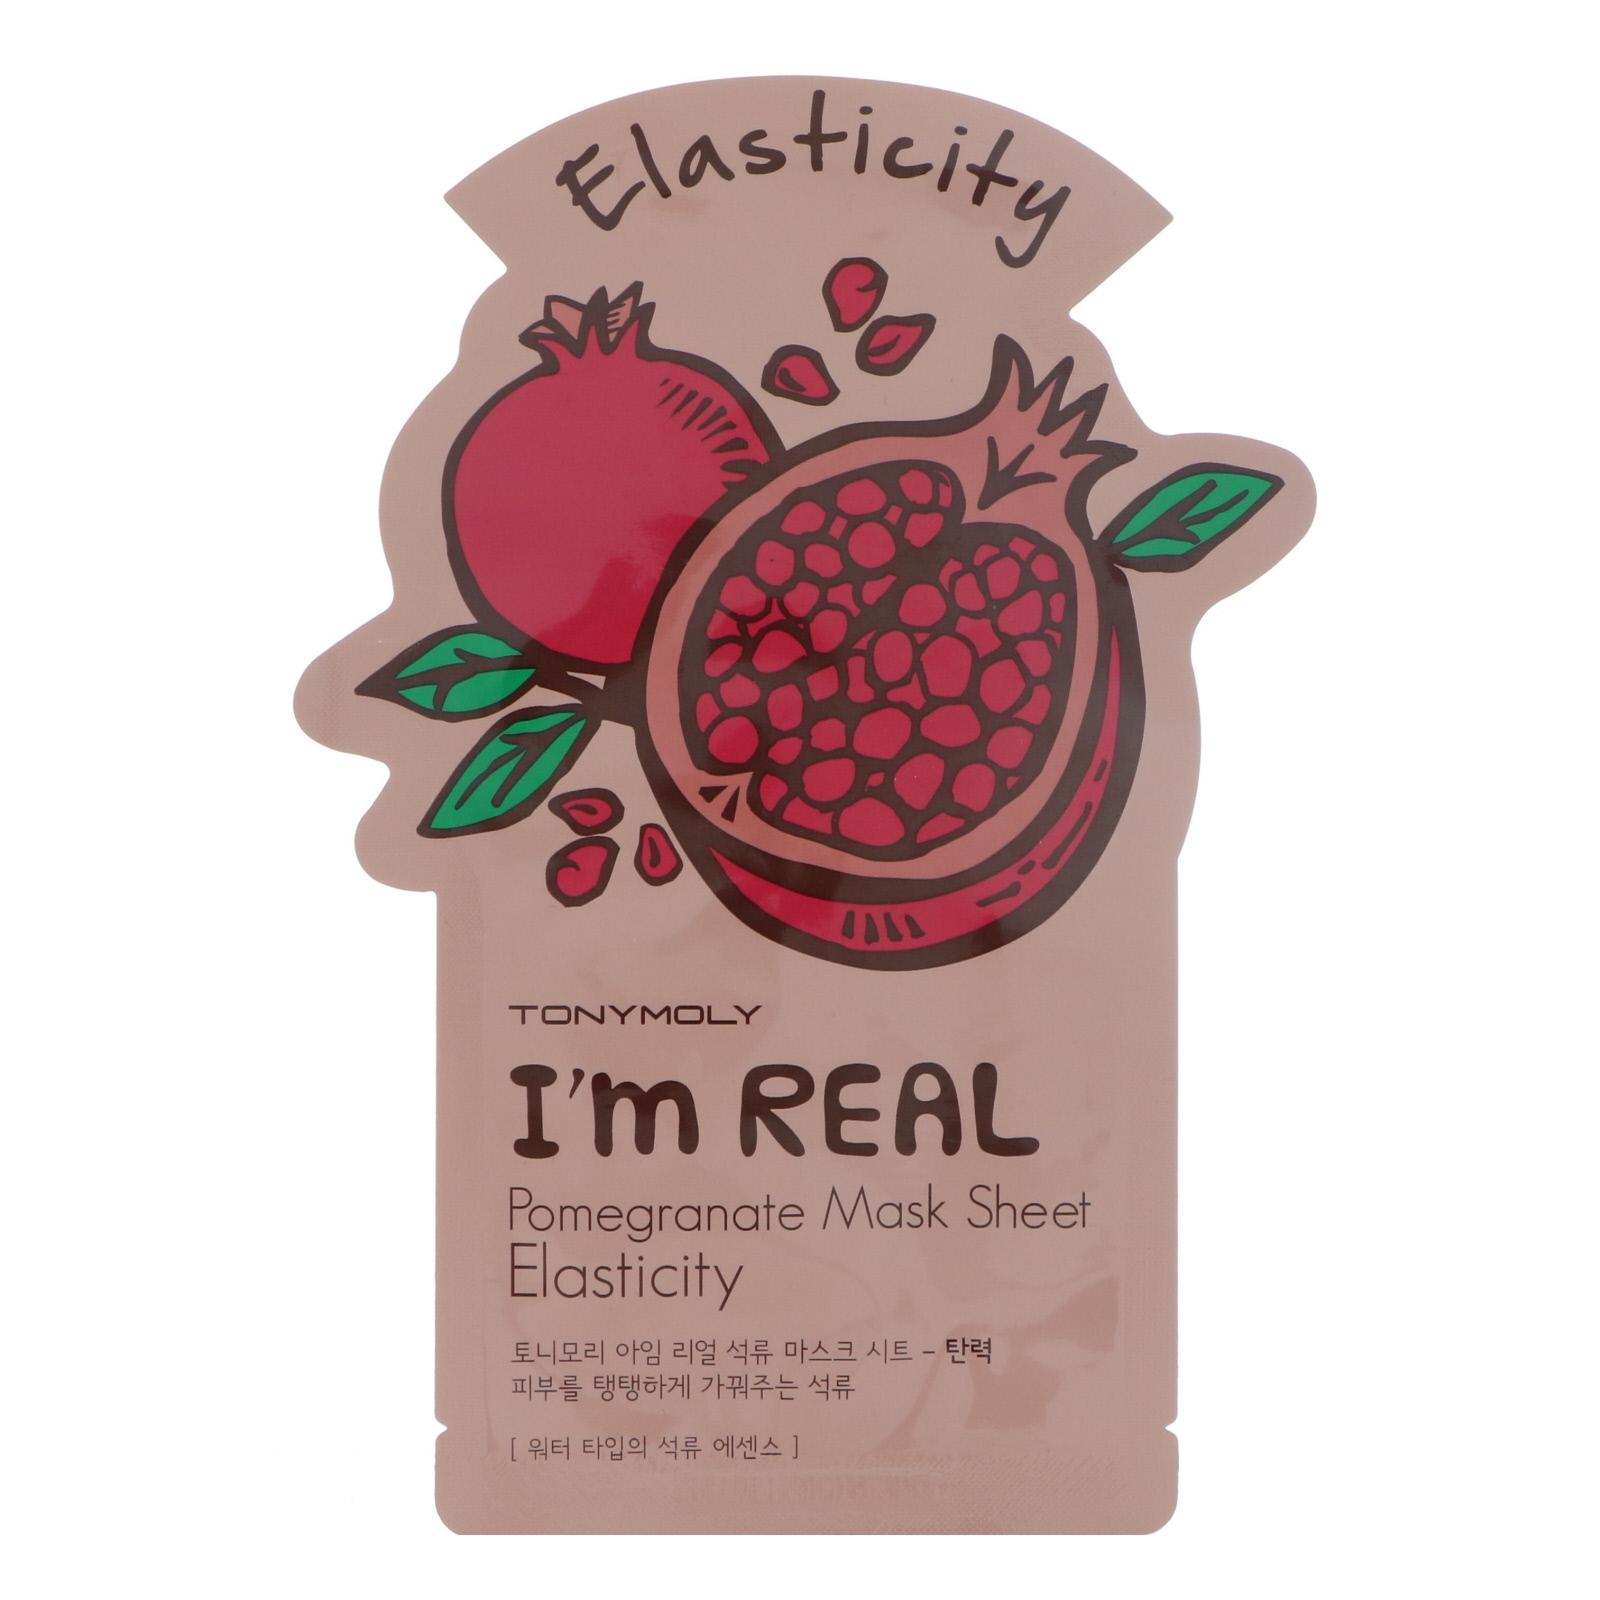 Tony Moly, I'm Real, Pomegranate Mask Sheet, Elasticity, 1 Sheet, 21 g